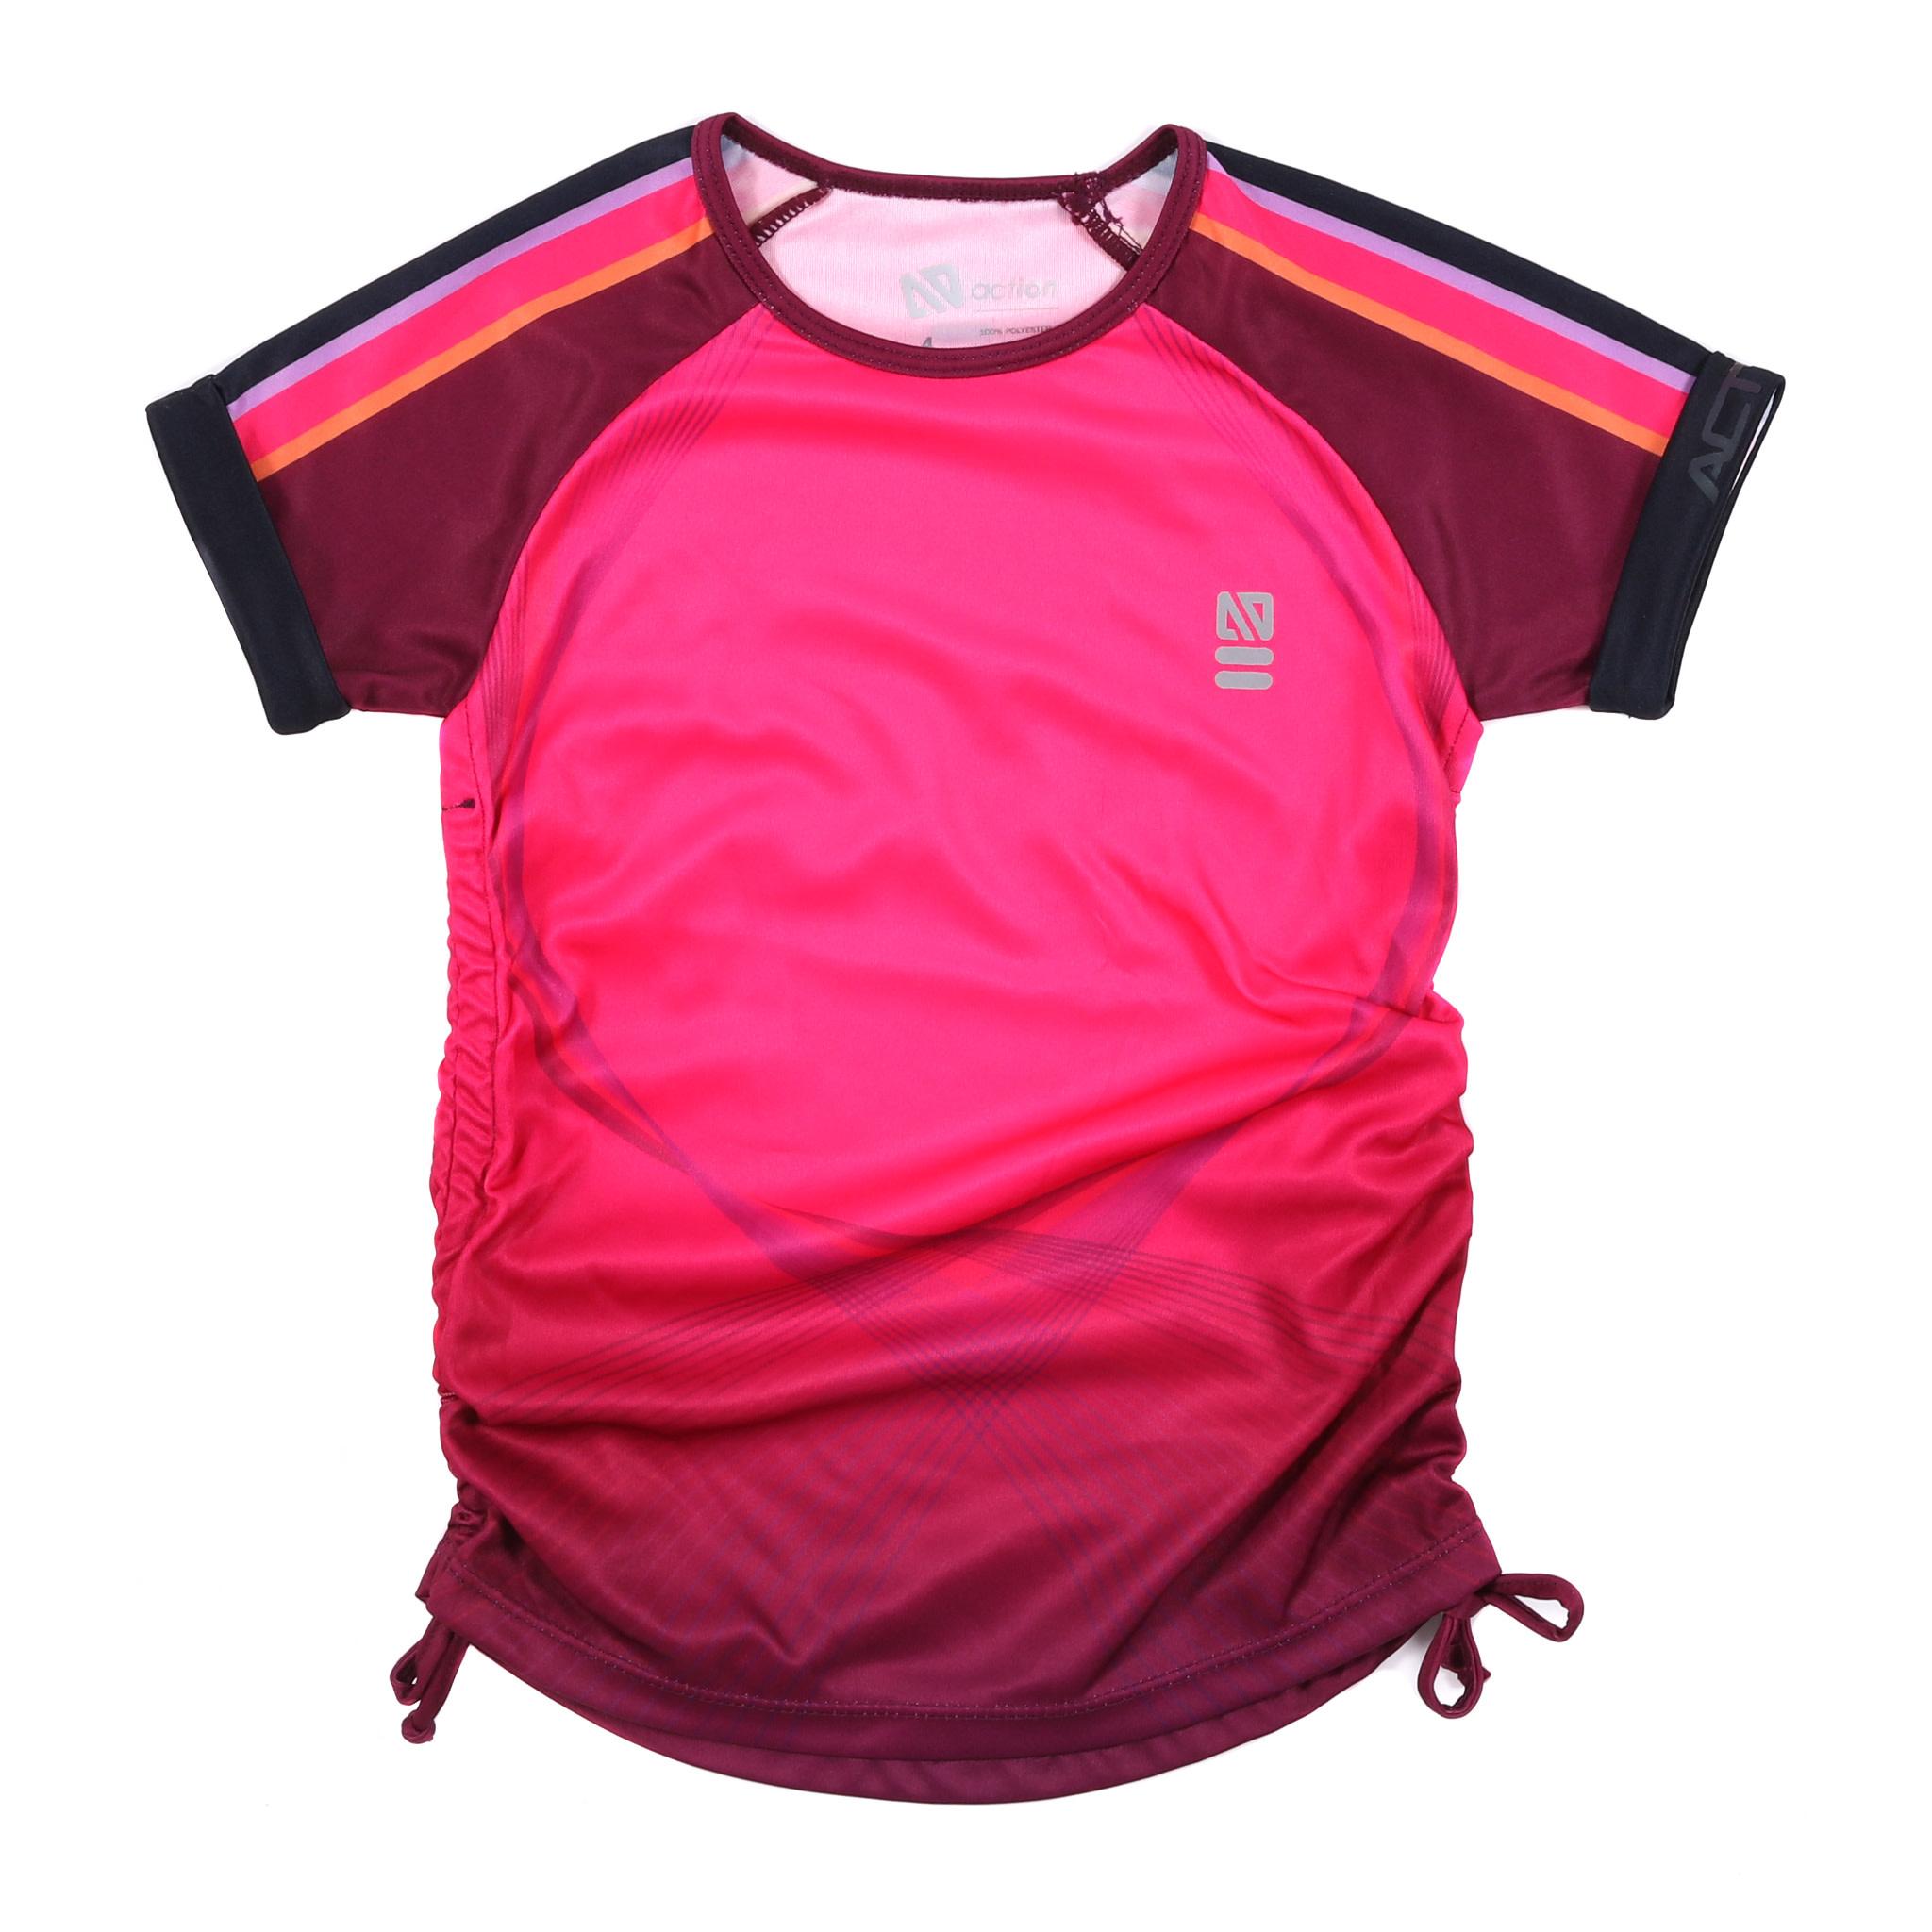 T-shirt athlétique - Sport et Chic-7